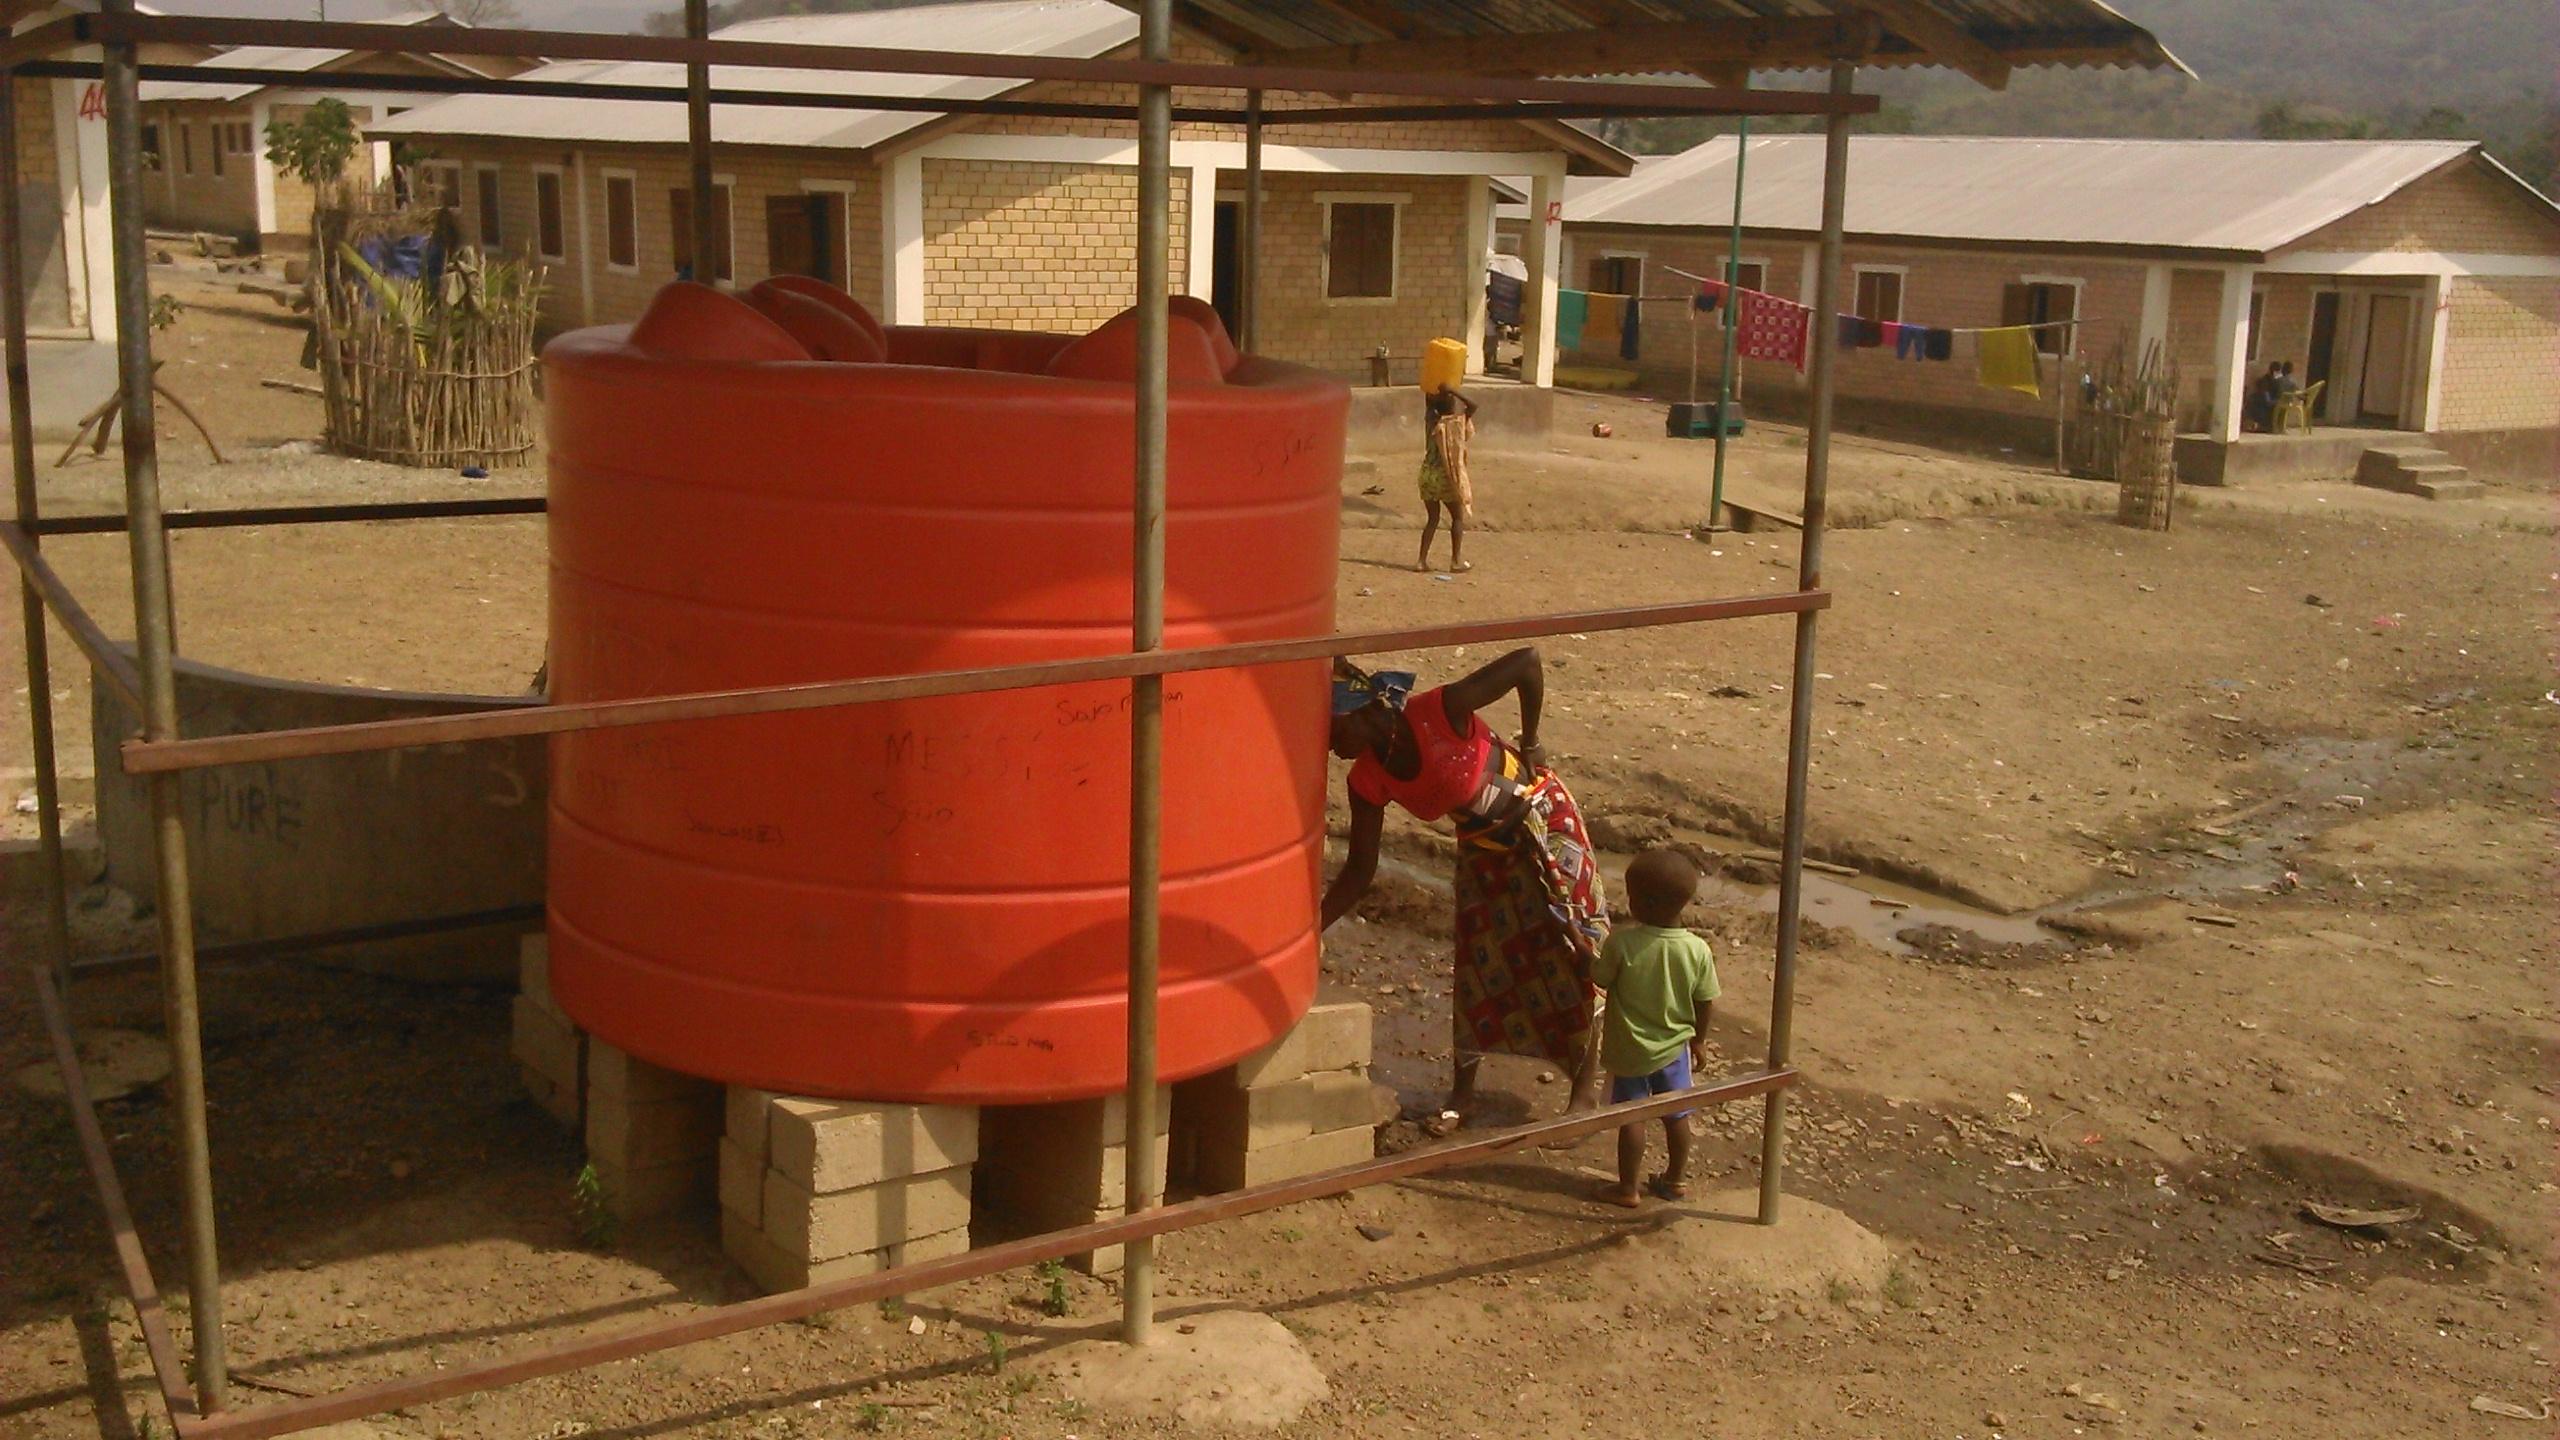 Truck van African Minerals Limited brengt watertank naar omliggende gemeenschap. Foto: Mohamed Magazuba